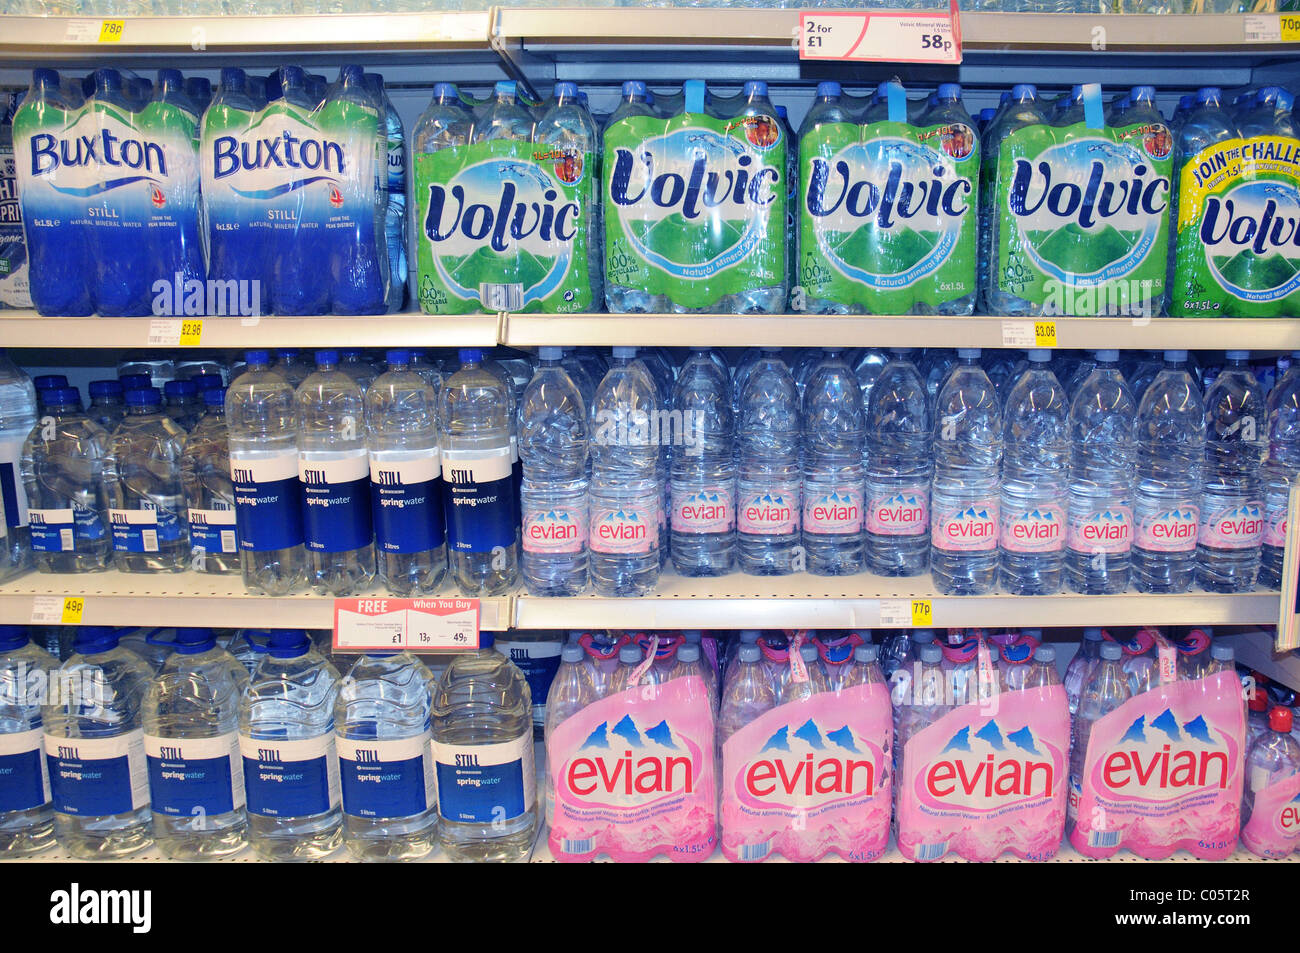 Acqua in bottiglia su un ripiano in un supermercato in Inghilterra Immagini Stock